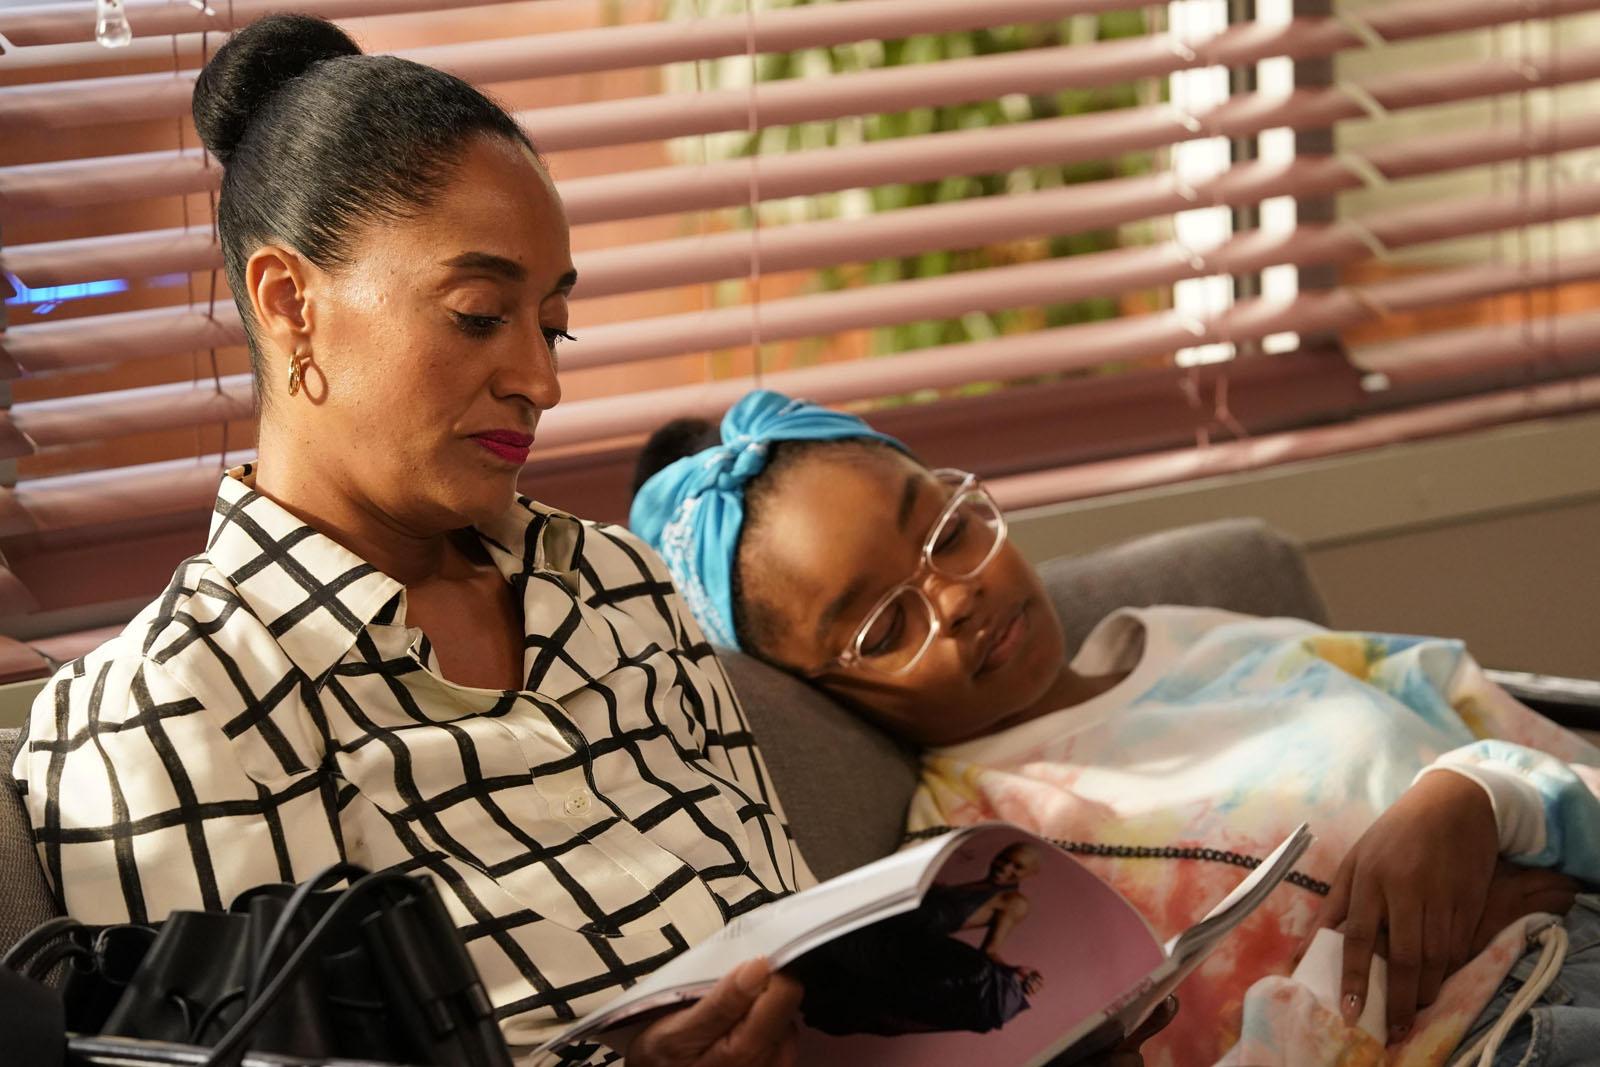 Cena de black-ish. Nela está uma mulher negra de blusa branca e preta listrada e cabelo preso lendo uma revista de capa rosa, sentada em um sofá cinza. A sua esquerda, também no sofá está uma garota negra com um pano azul na cabeça e blusa branca com manchas coloridas.